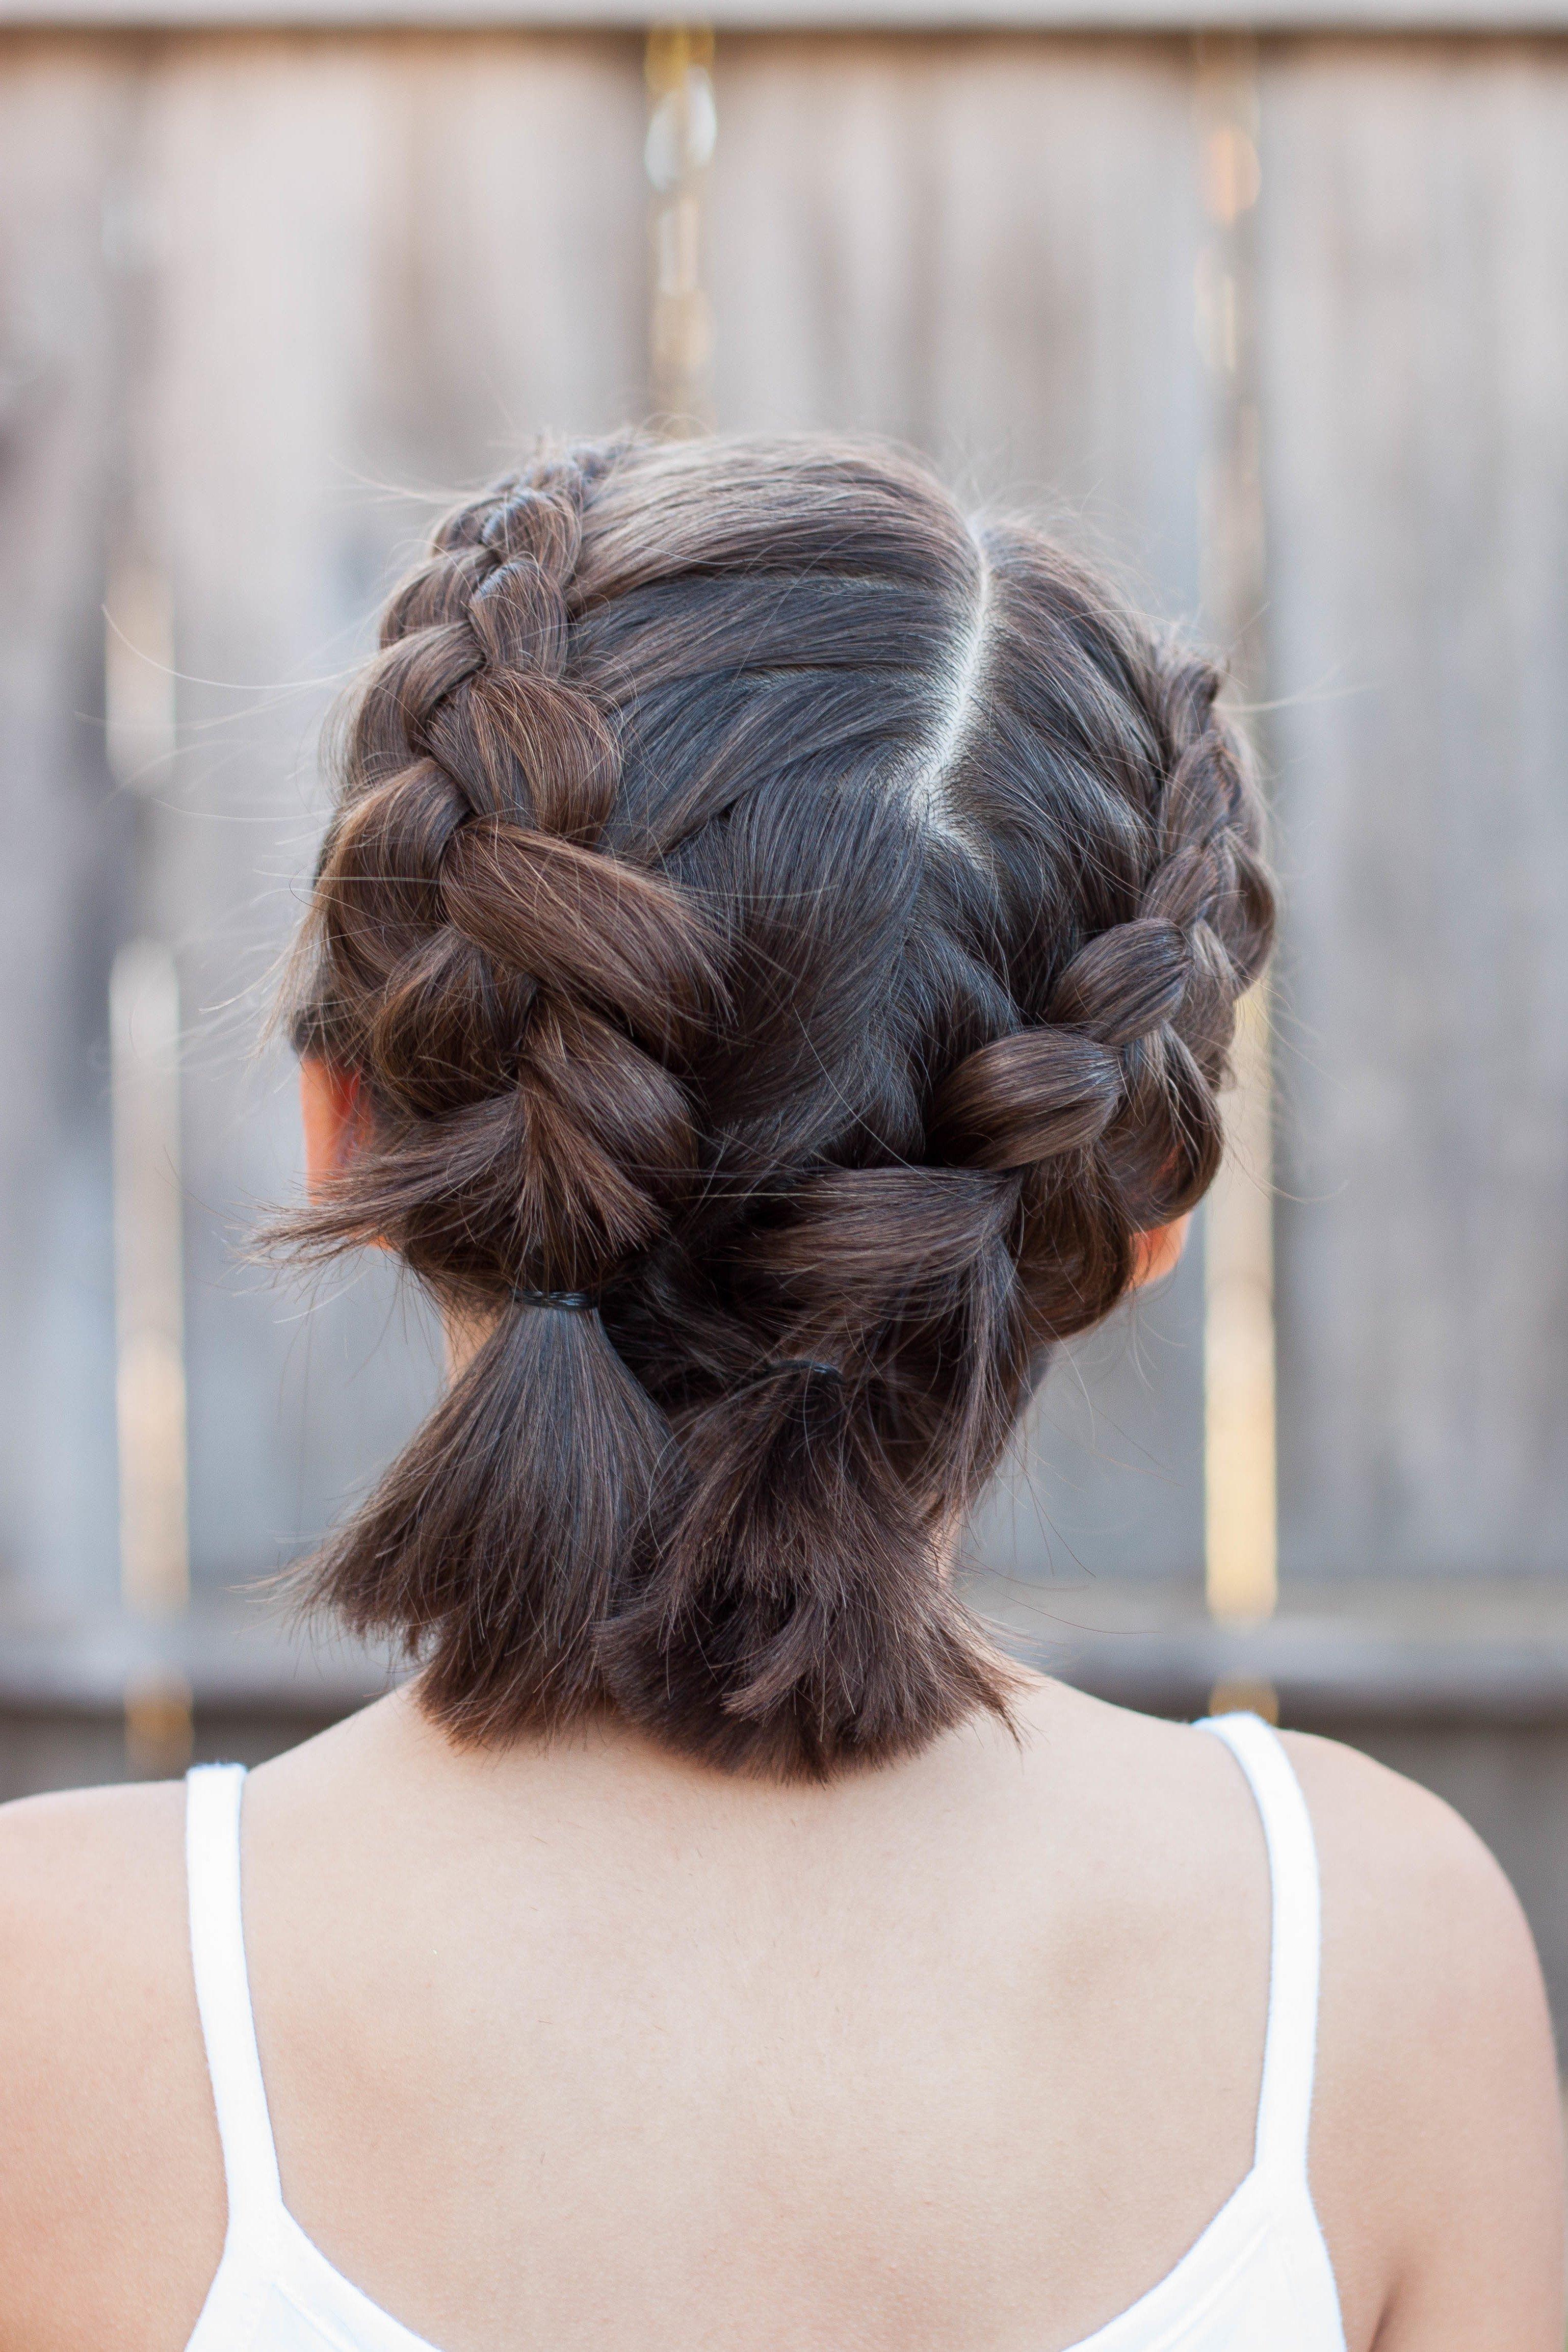 Tolle Inspiration für schulterlange Haare flechten: Bauernzöpfe für dunkle Haare